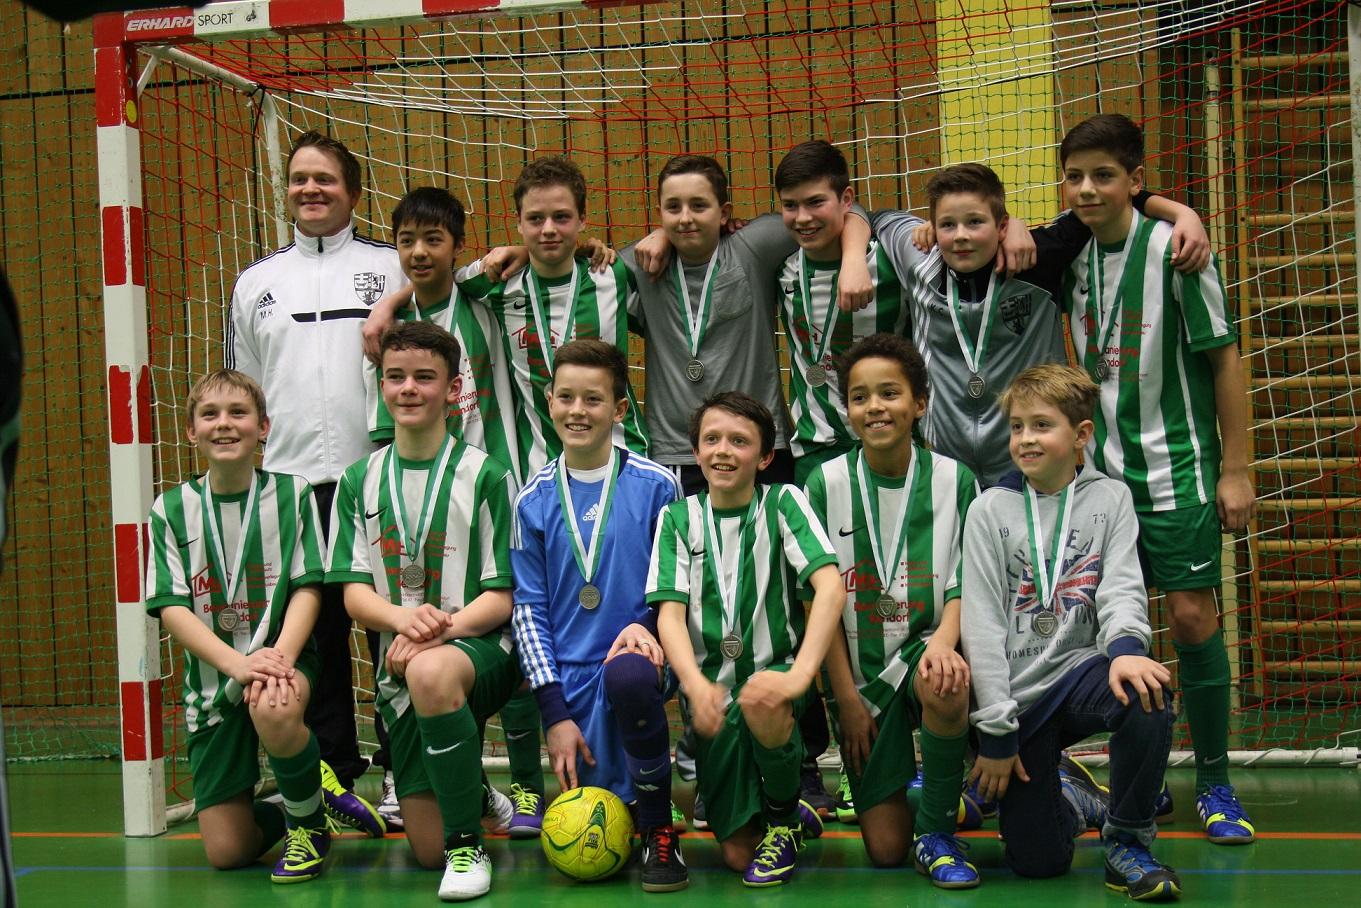 Der neue Futsal Hallenkreismeister 2013/2014 der D-Junioren heißt:   JSG Vallendar !!!